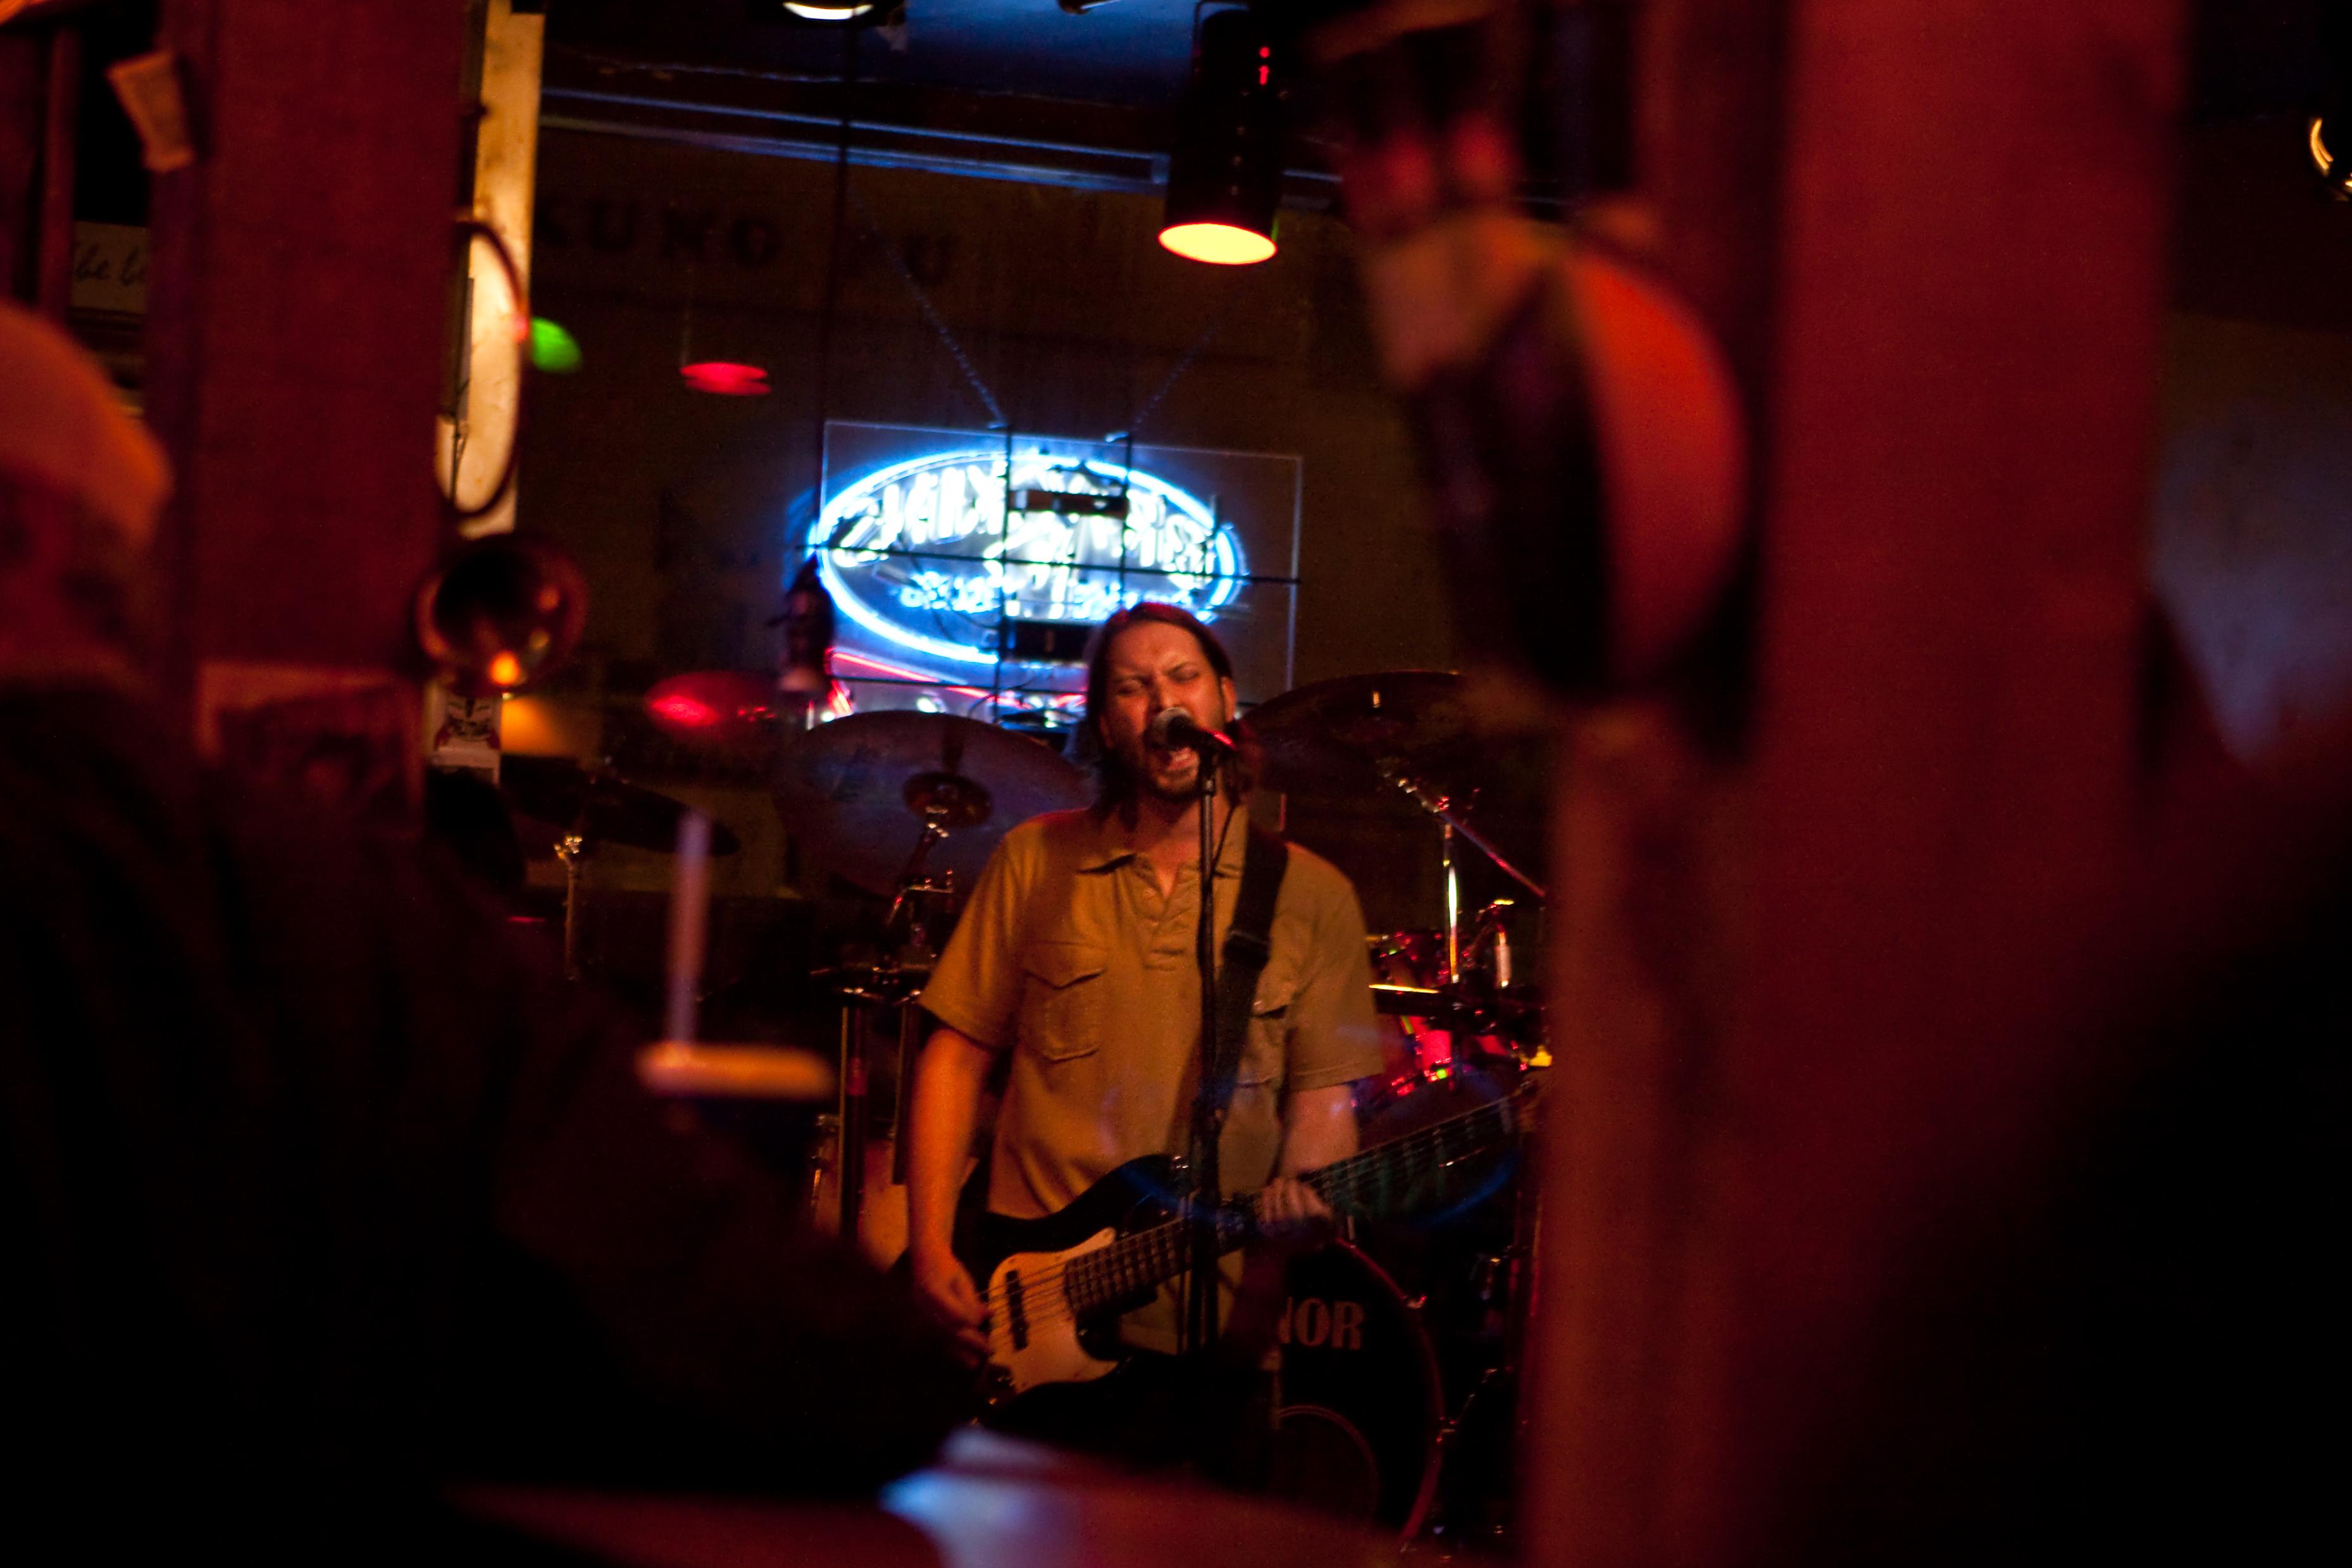 Singer at Brackin's